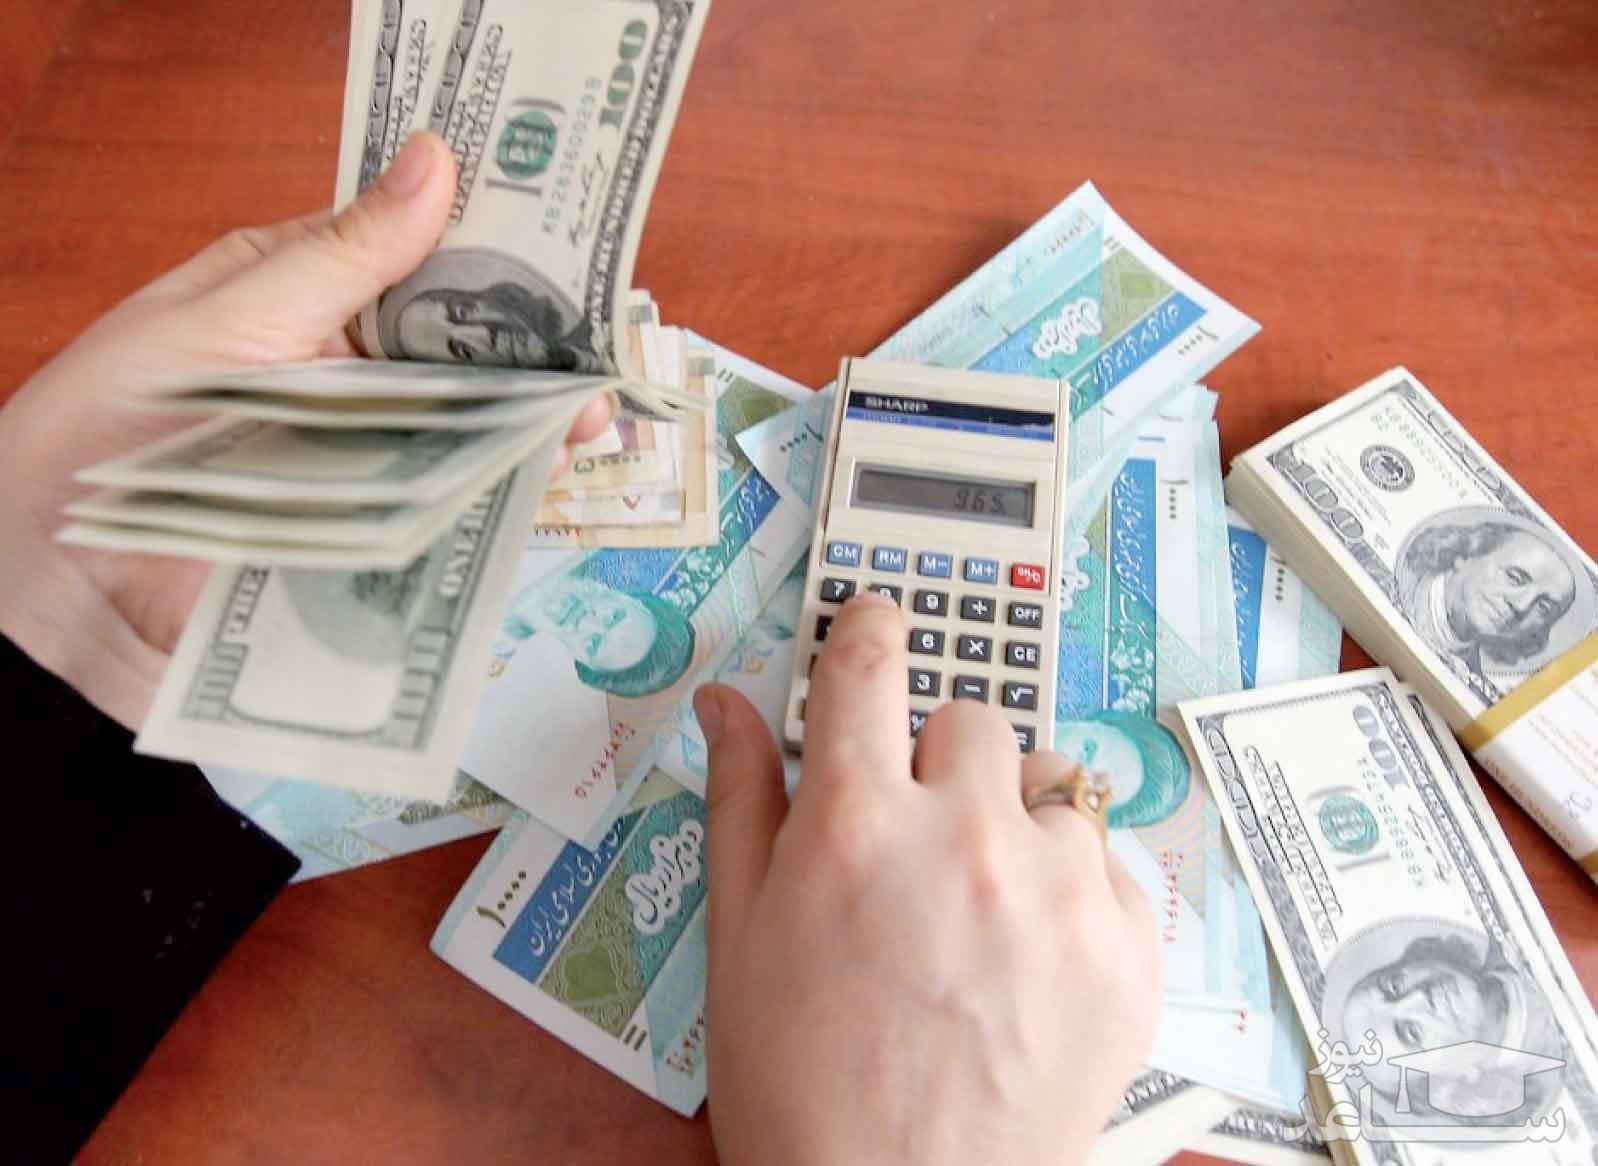 لیست حقوق و دستمزد در اکسل - دانشجویی